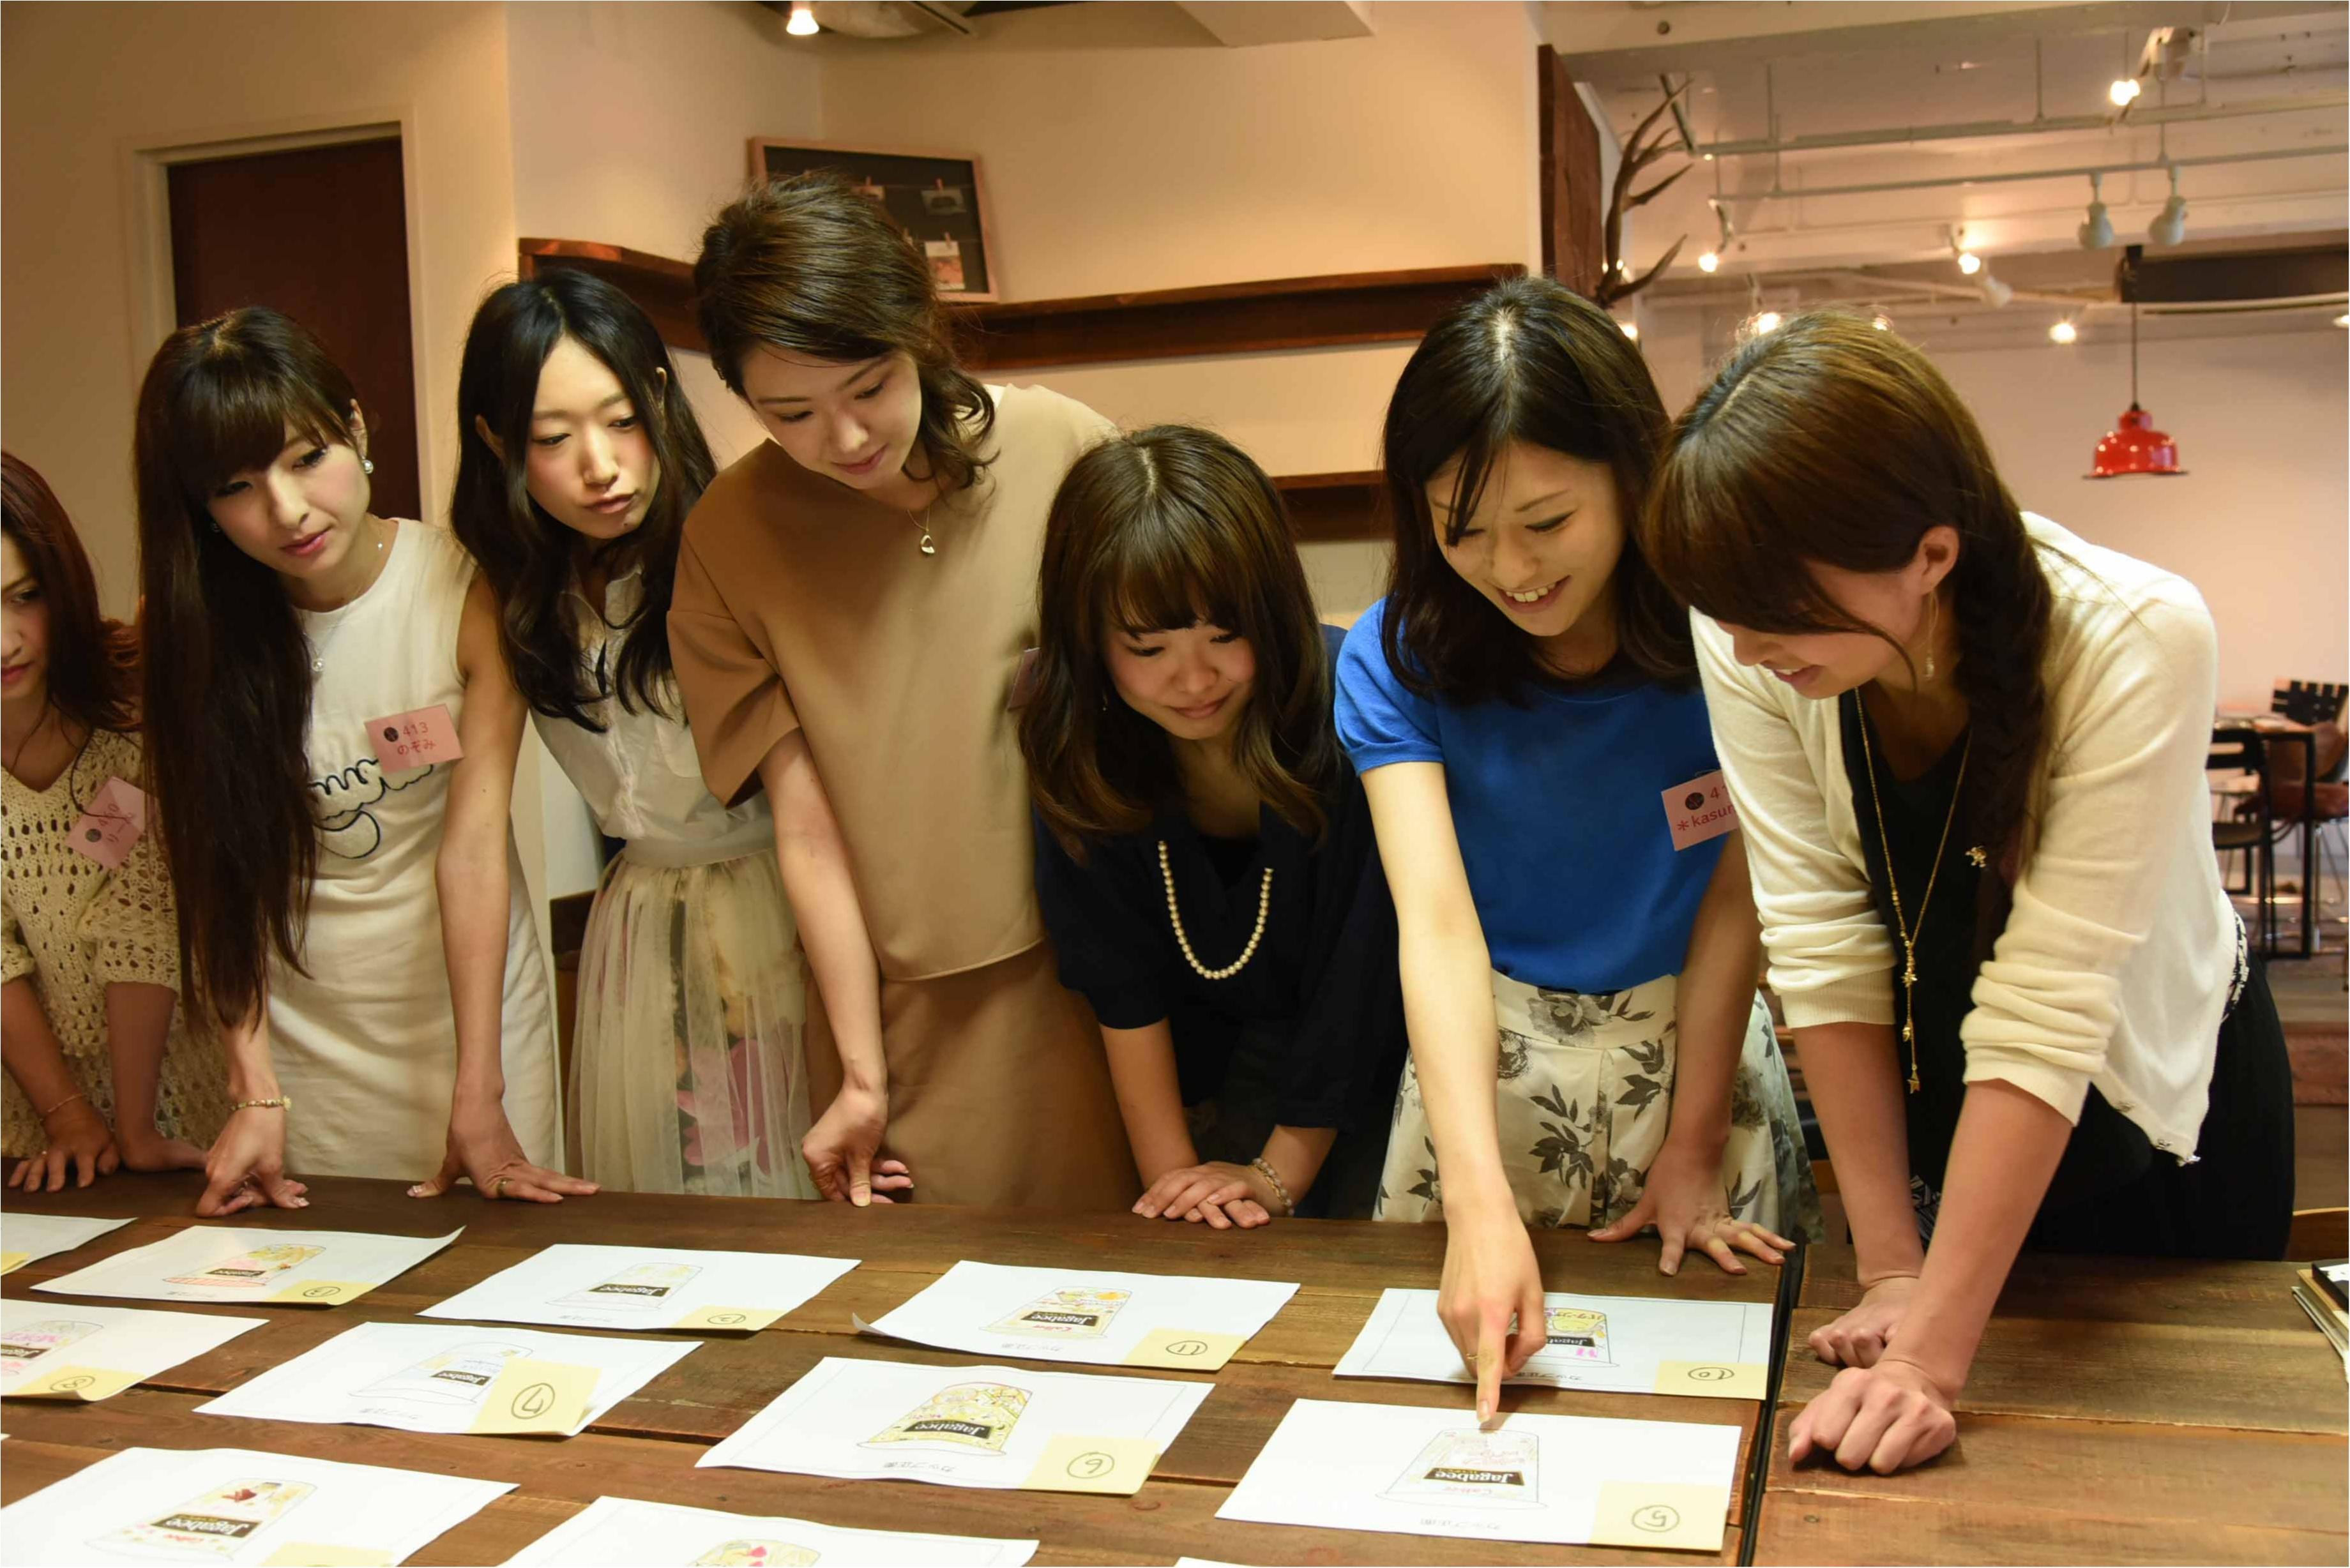 【「Jagabee×MORE」じゃが♥ハピプロジェクト】新しい味の研究をしつつ、 パッケージデザインのコンペも!_2